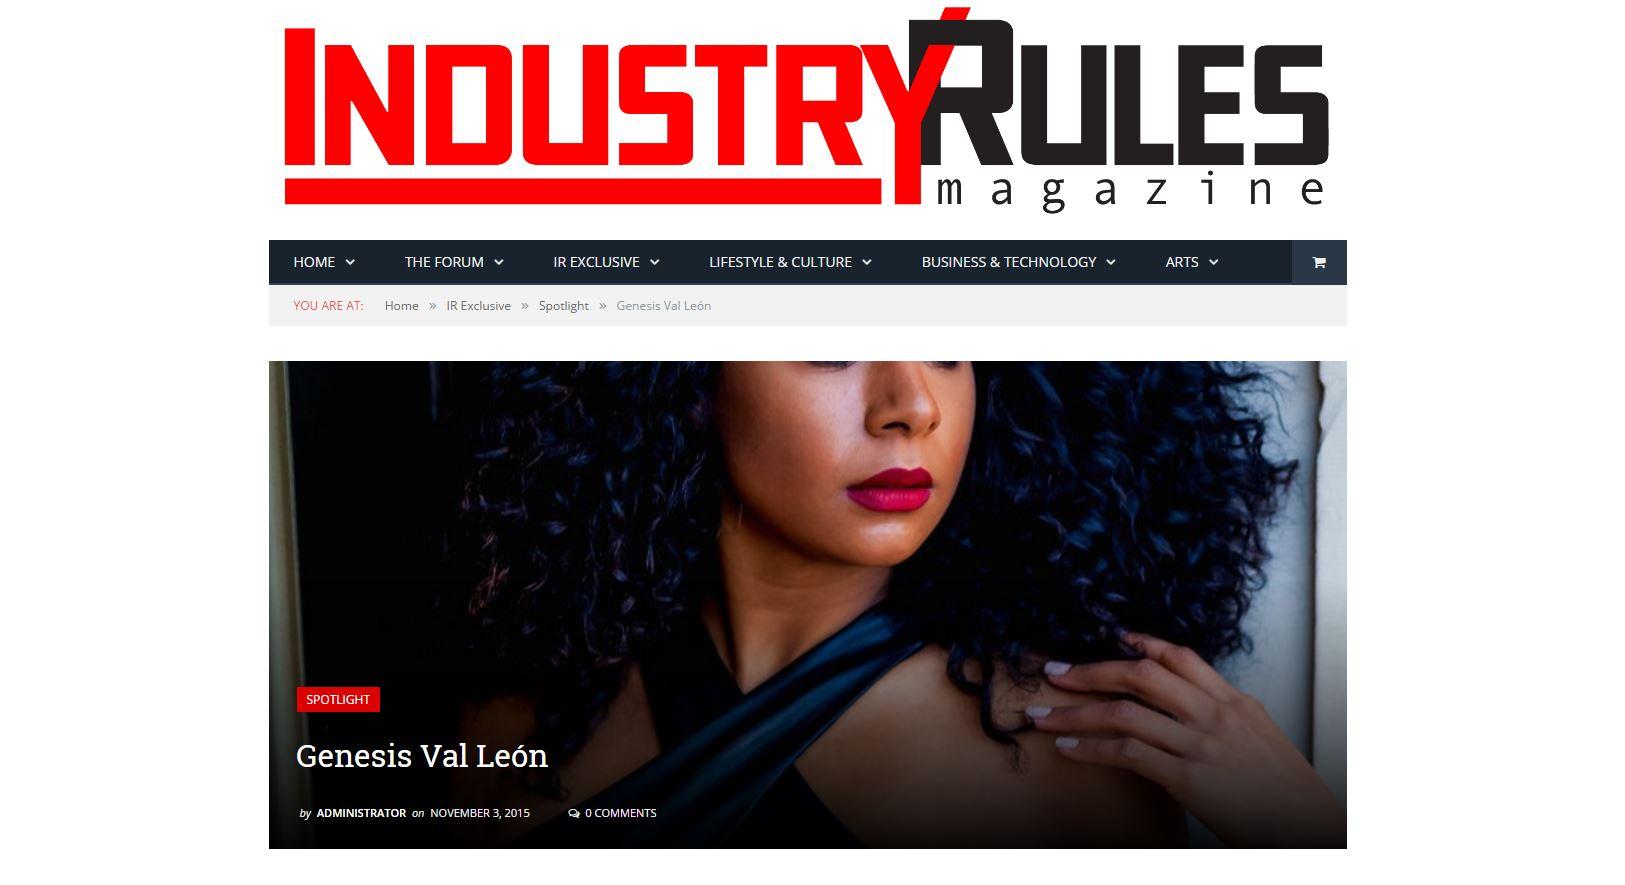 IndustryRulesMagazine1.JPG